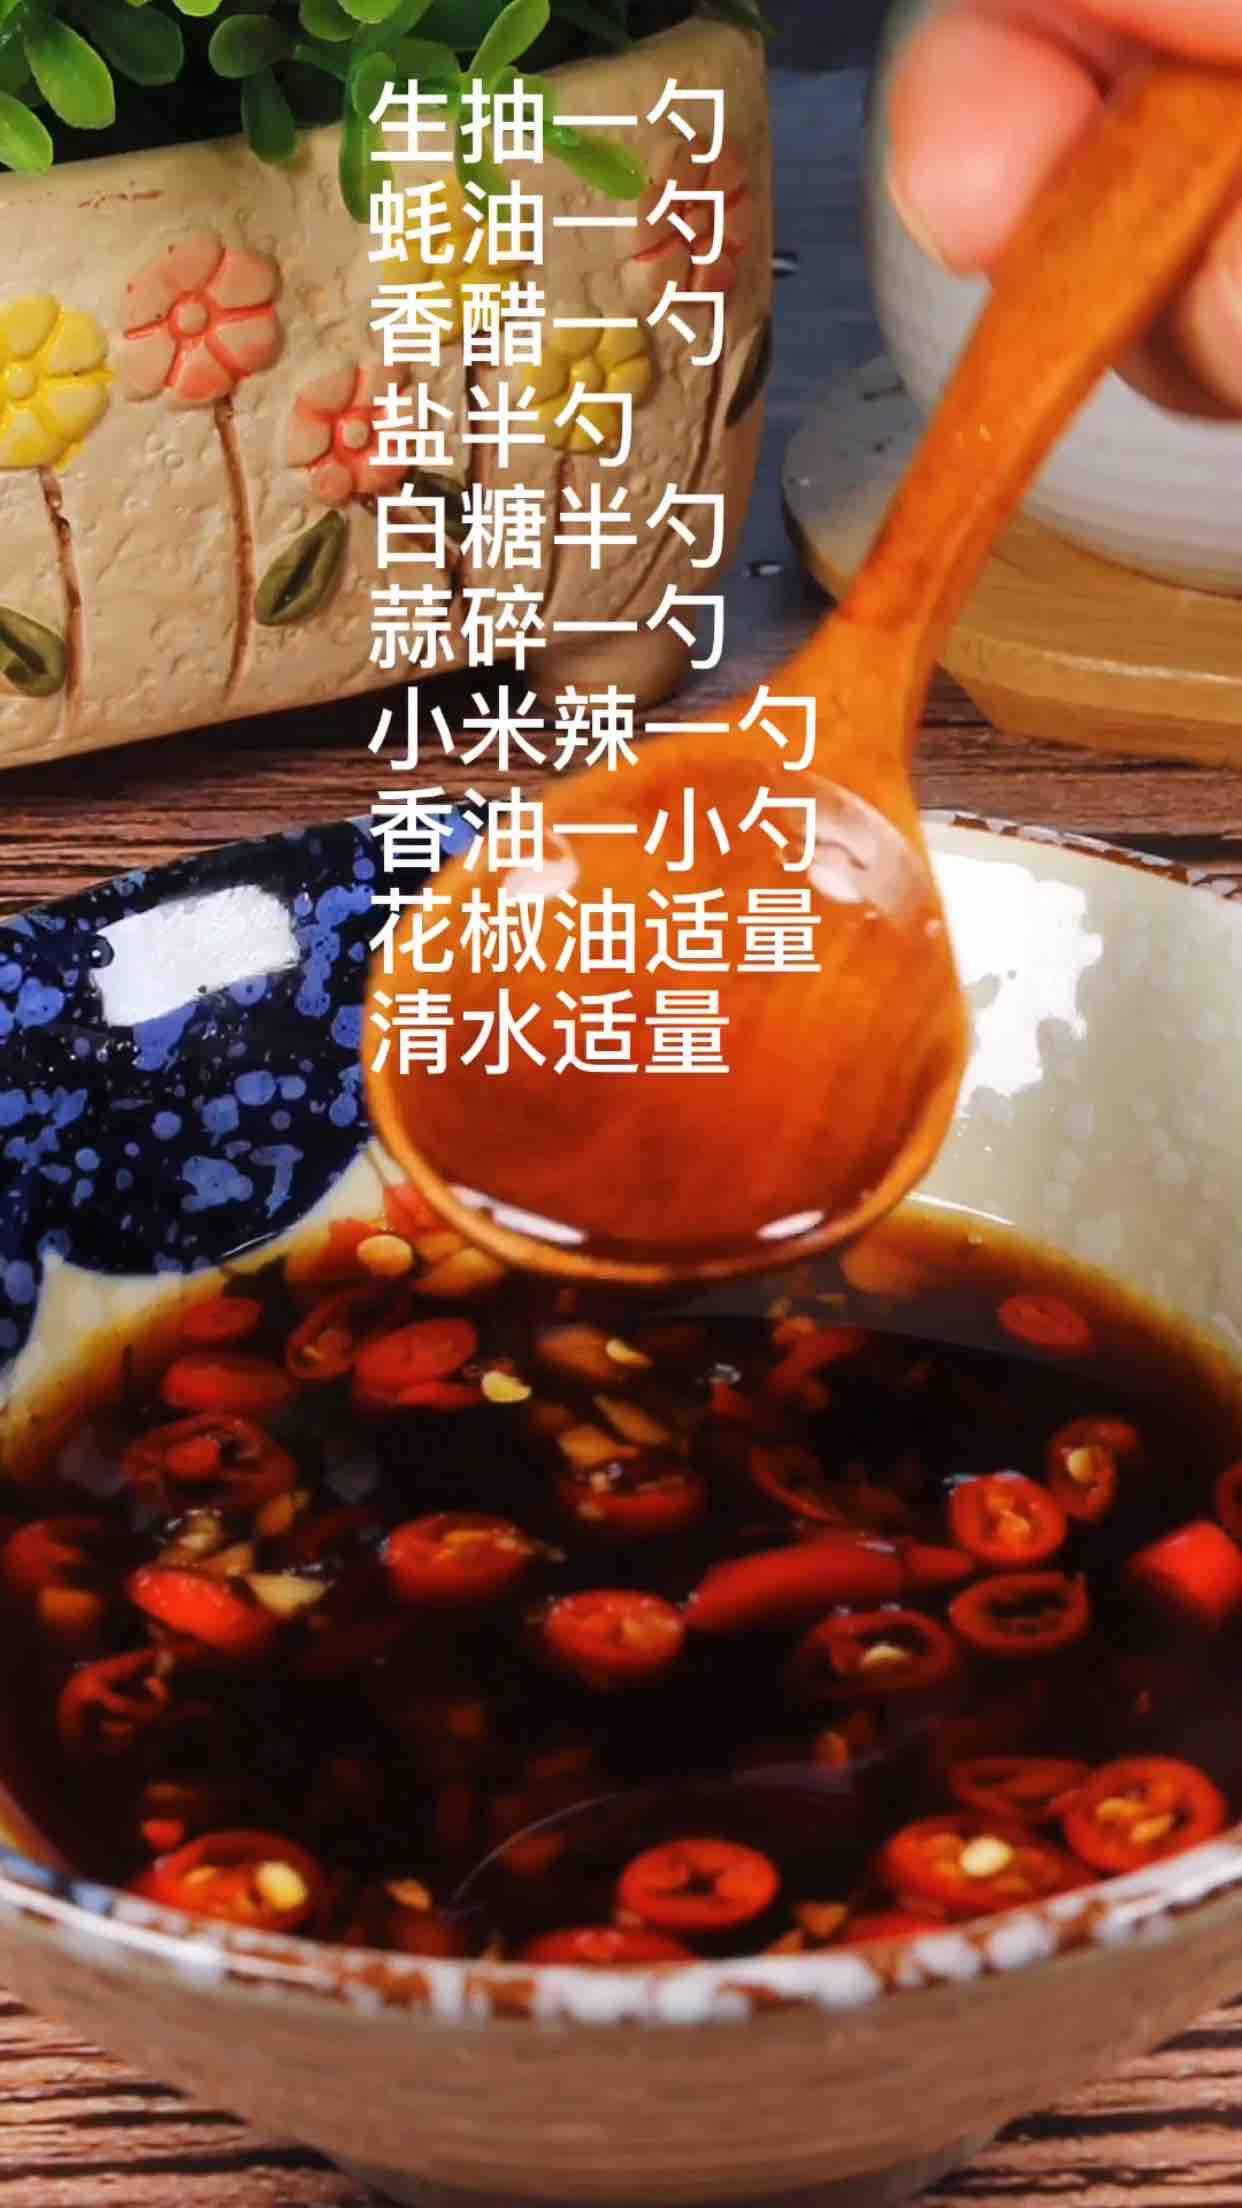 手撕豇豆怎么做